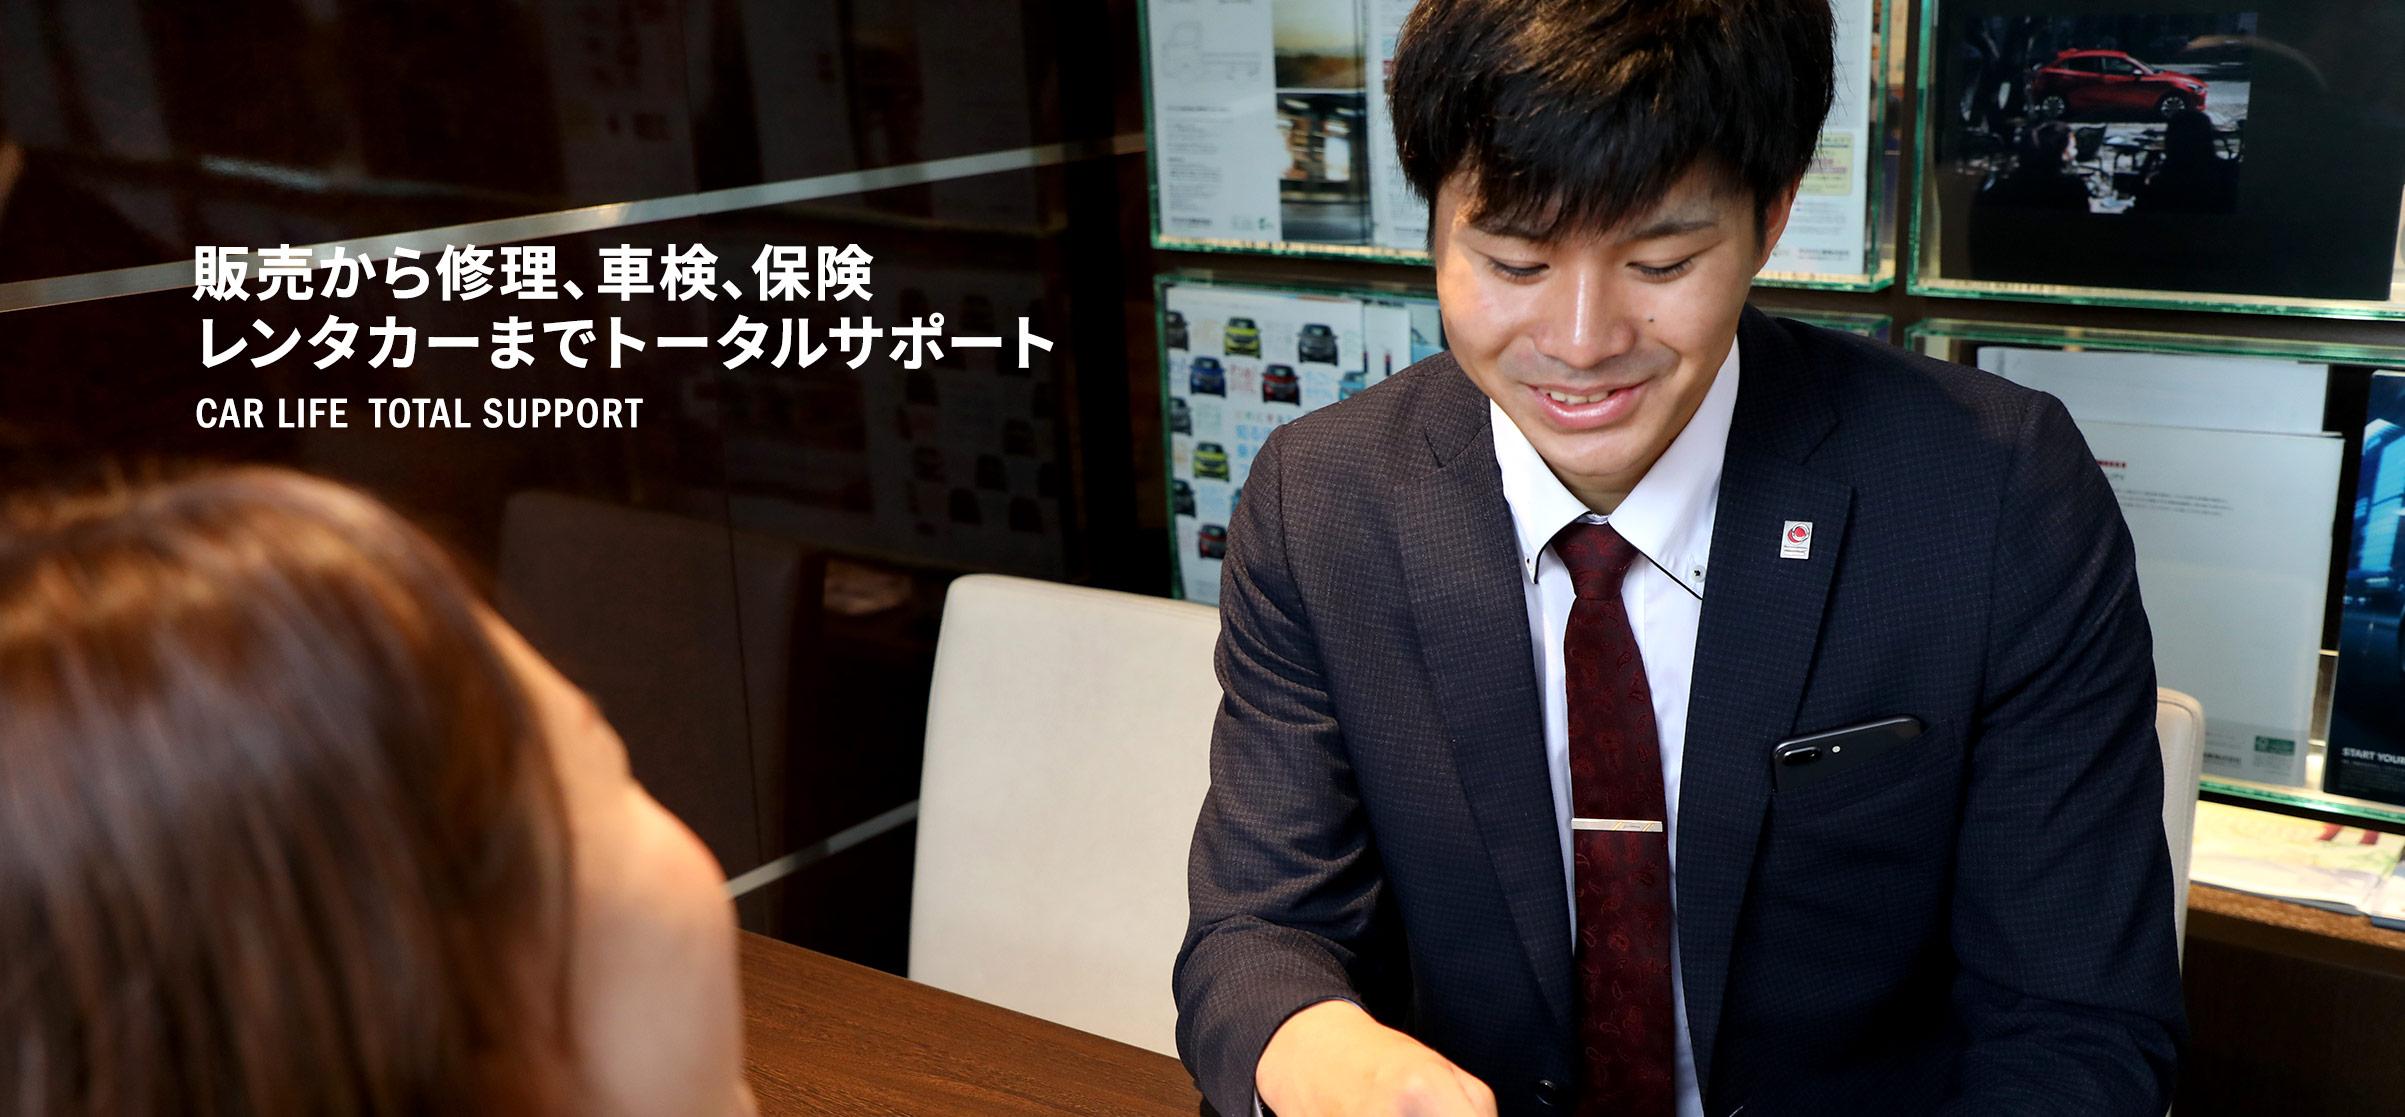 樋川自動車 保険業務